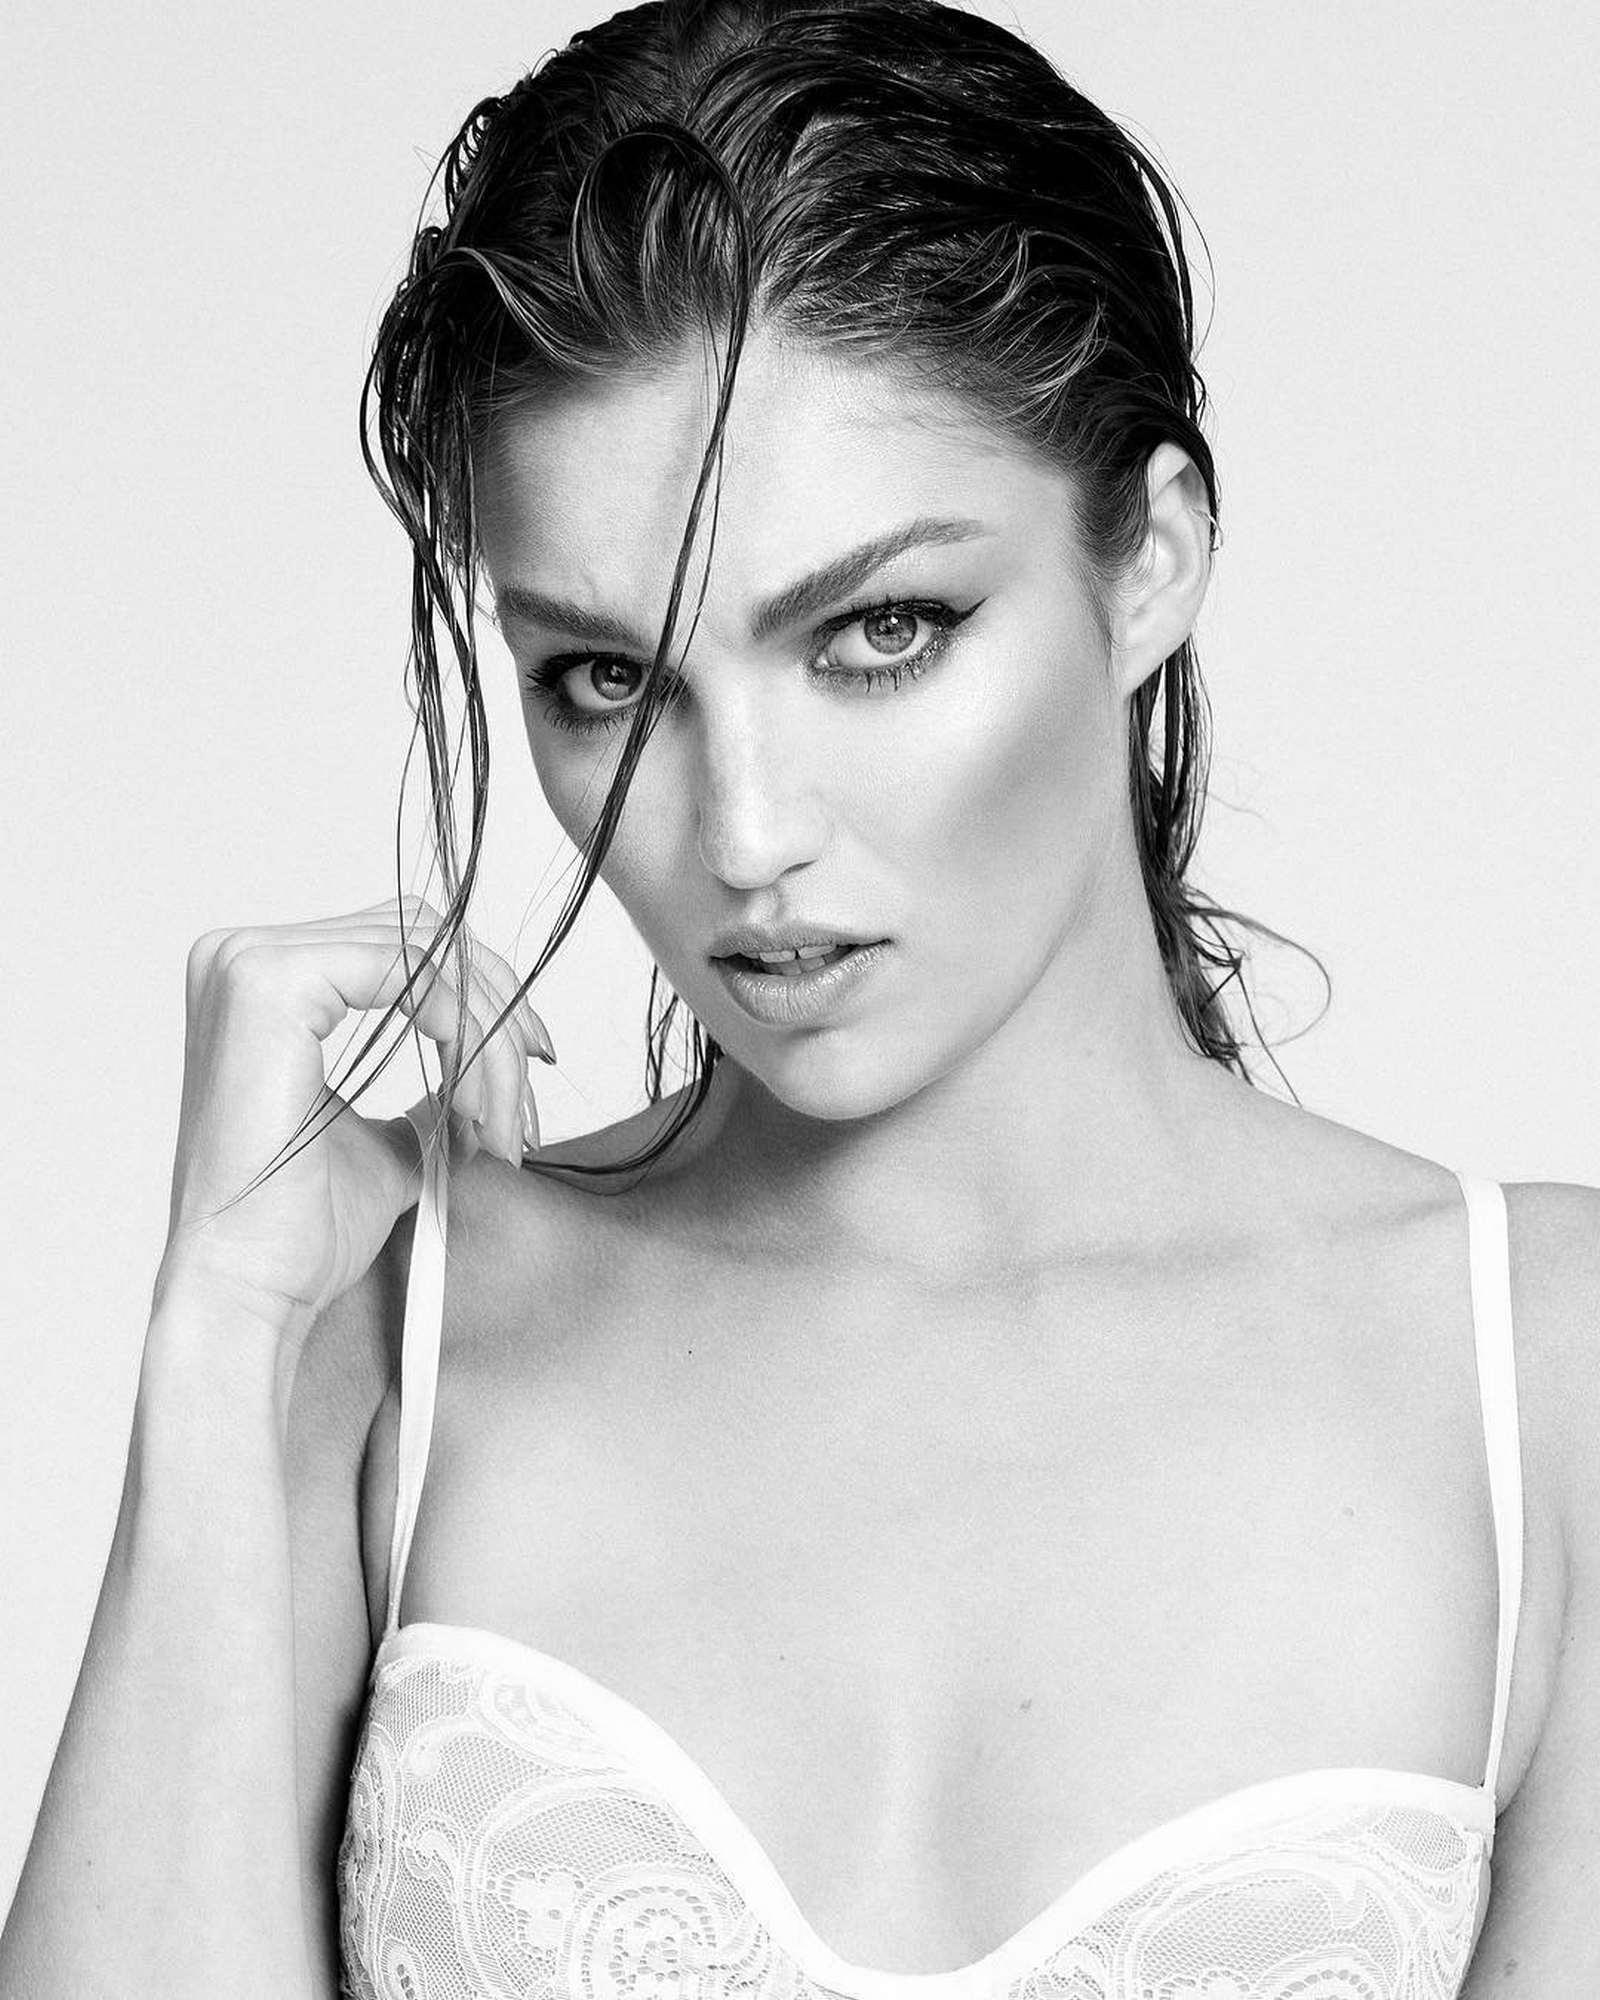 Lili-Simmons-–-Photoshoot-by-Tiziano-Lugli4.jpg